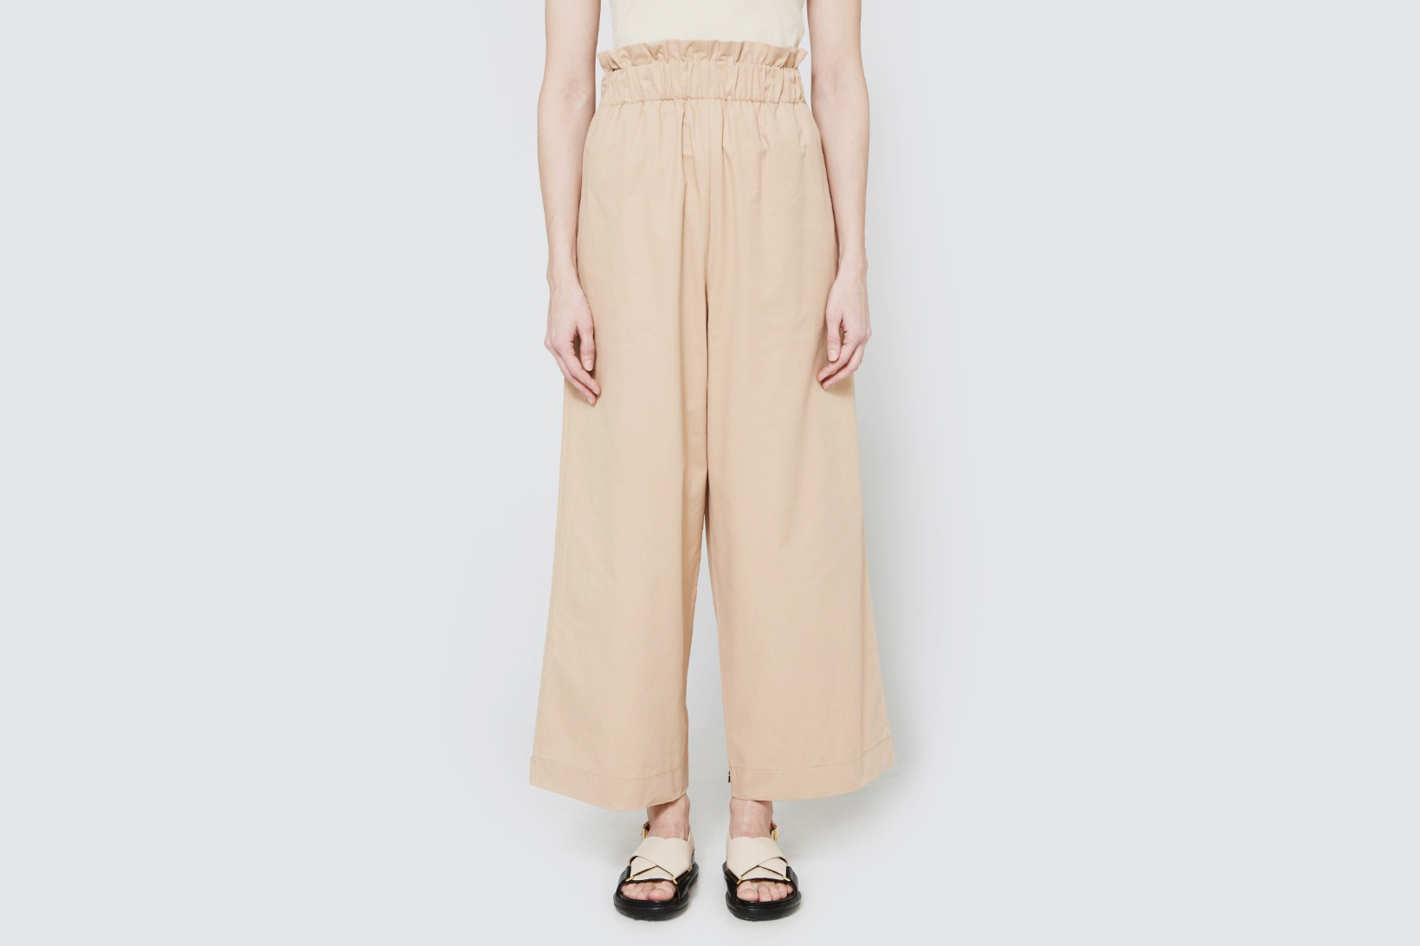 ganni cotton pants